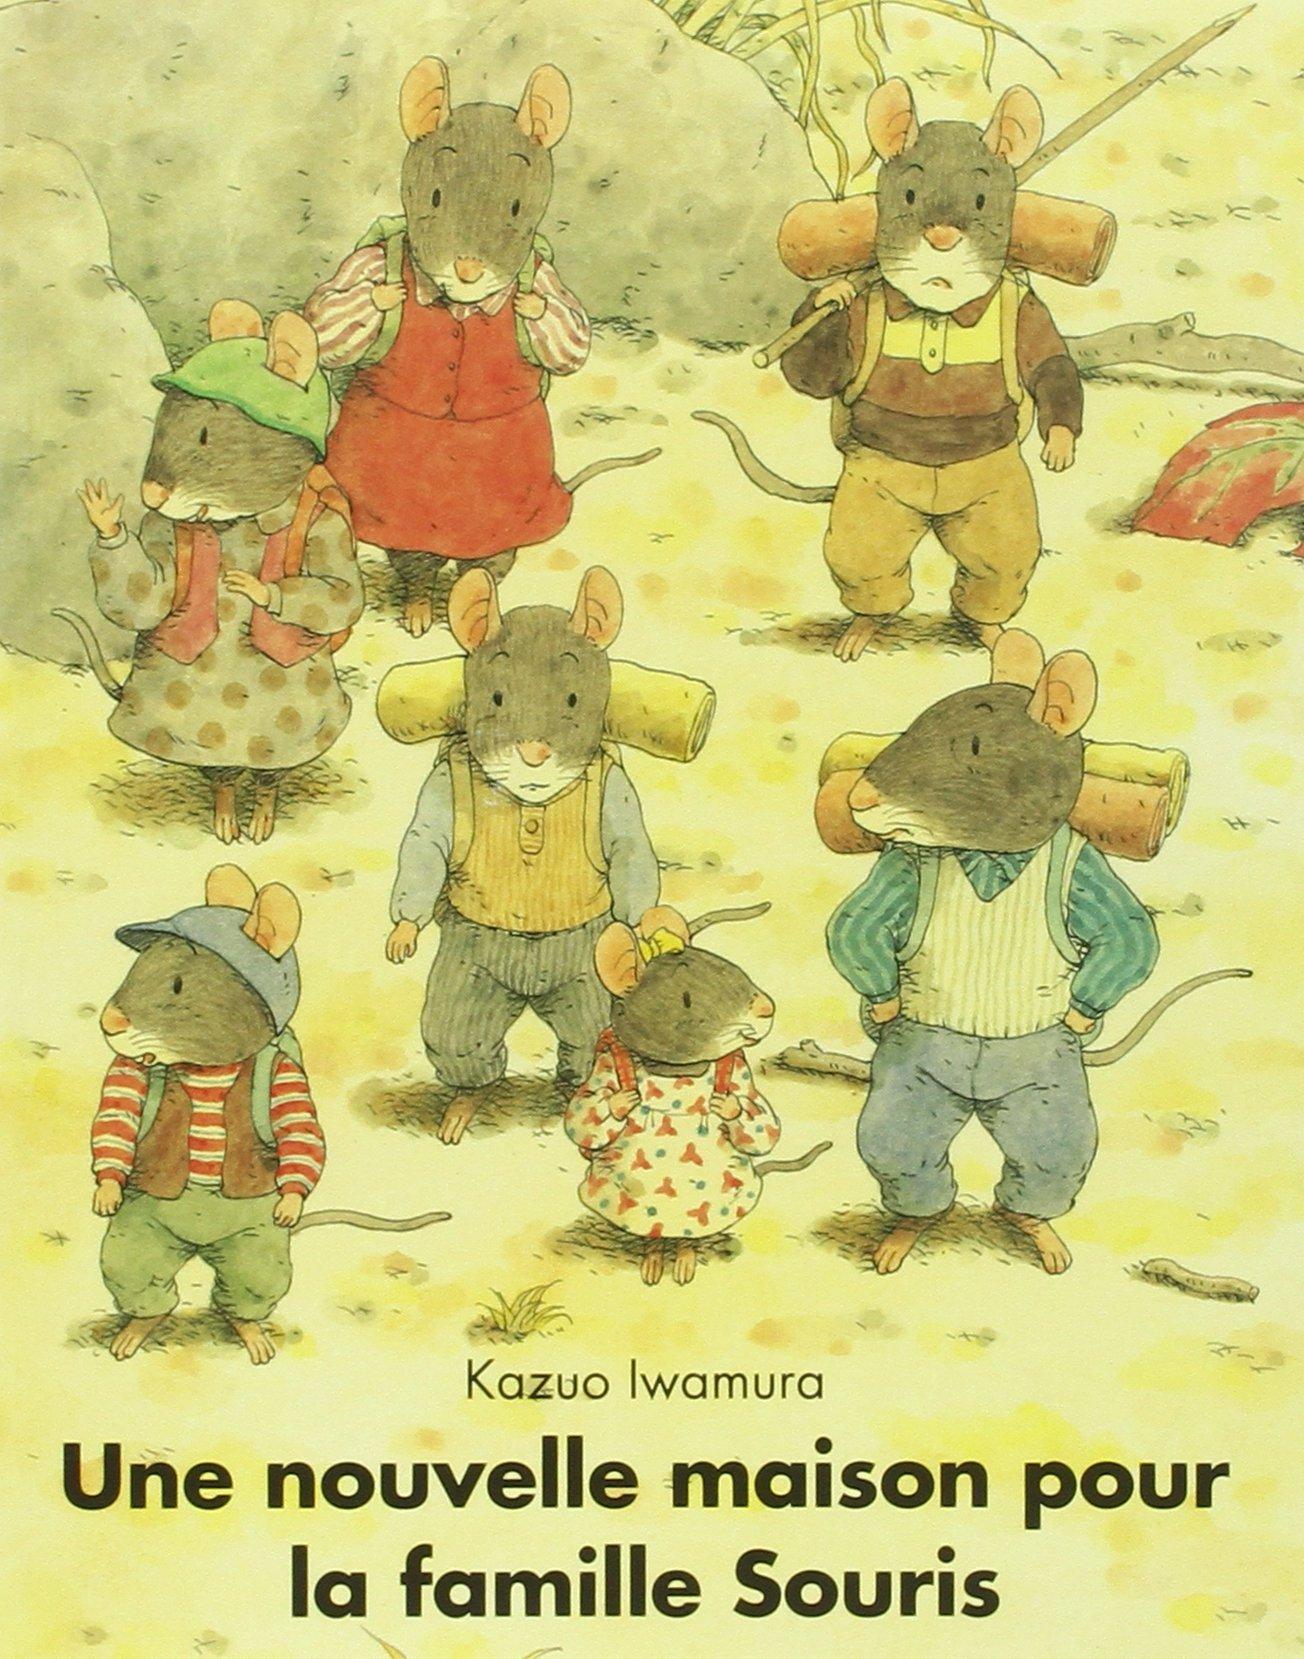 famille de la souris